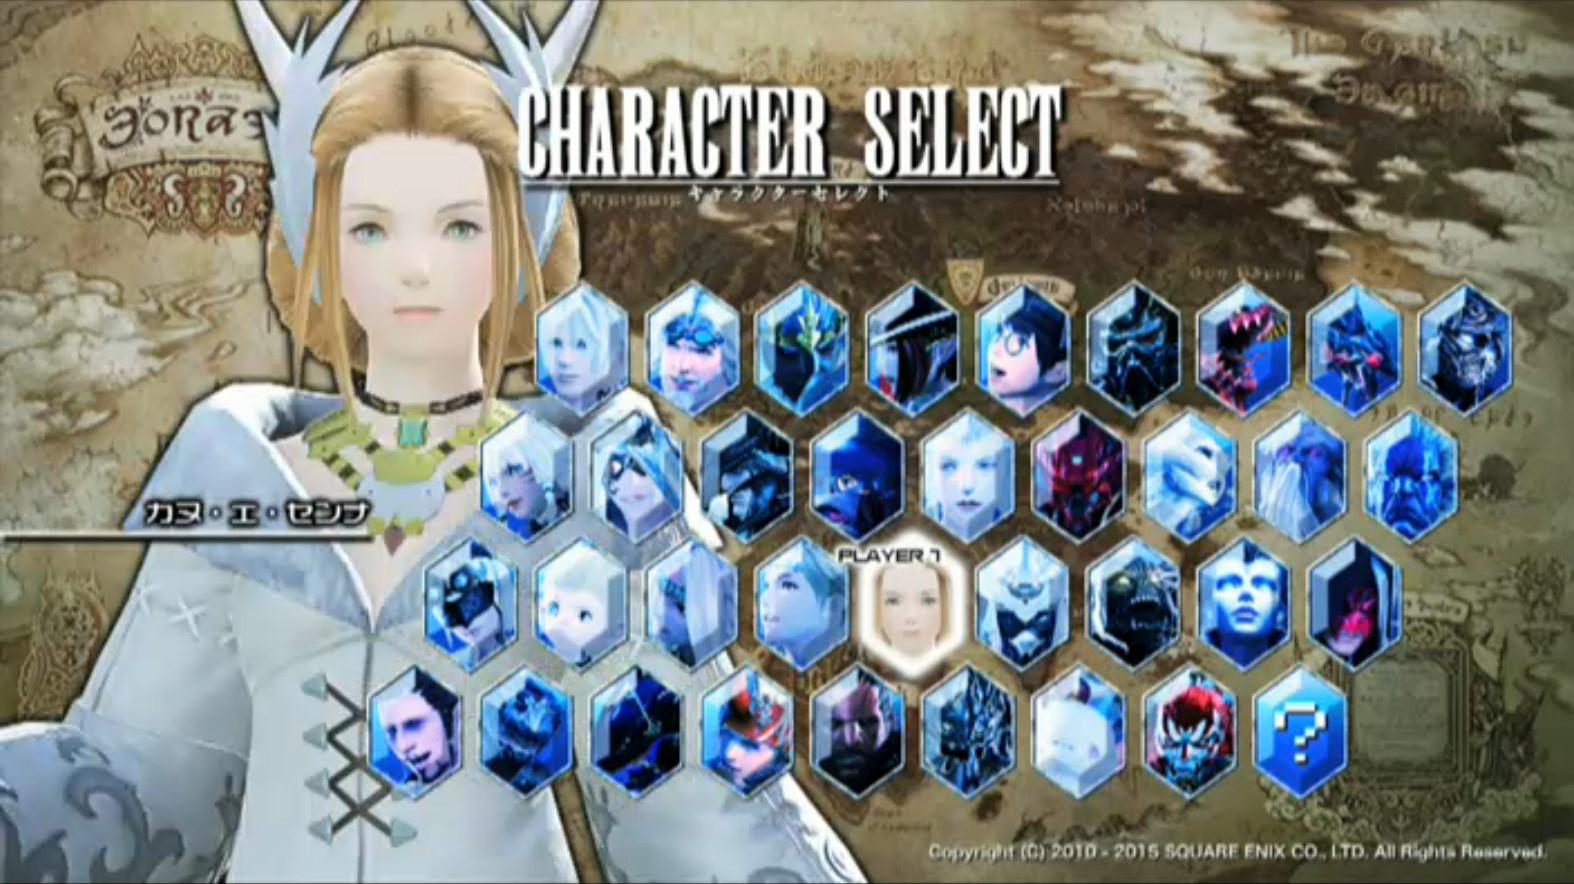 キャラクター選択画面。選べるキャラは36人。蛮神やアシエン、隠しキャラもいるようだ。